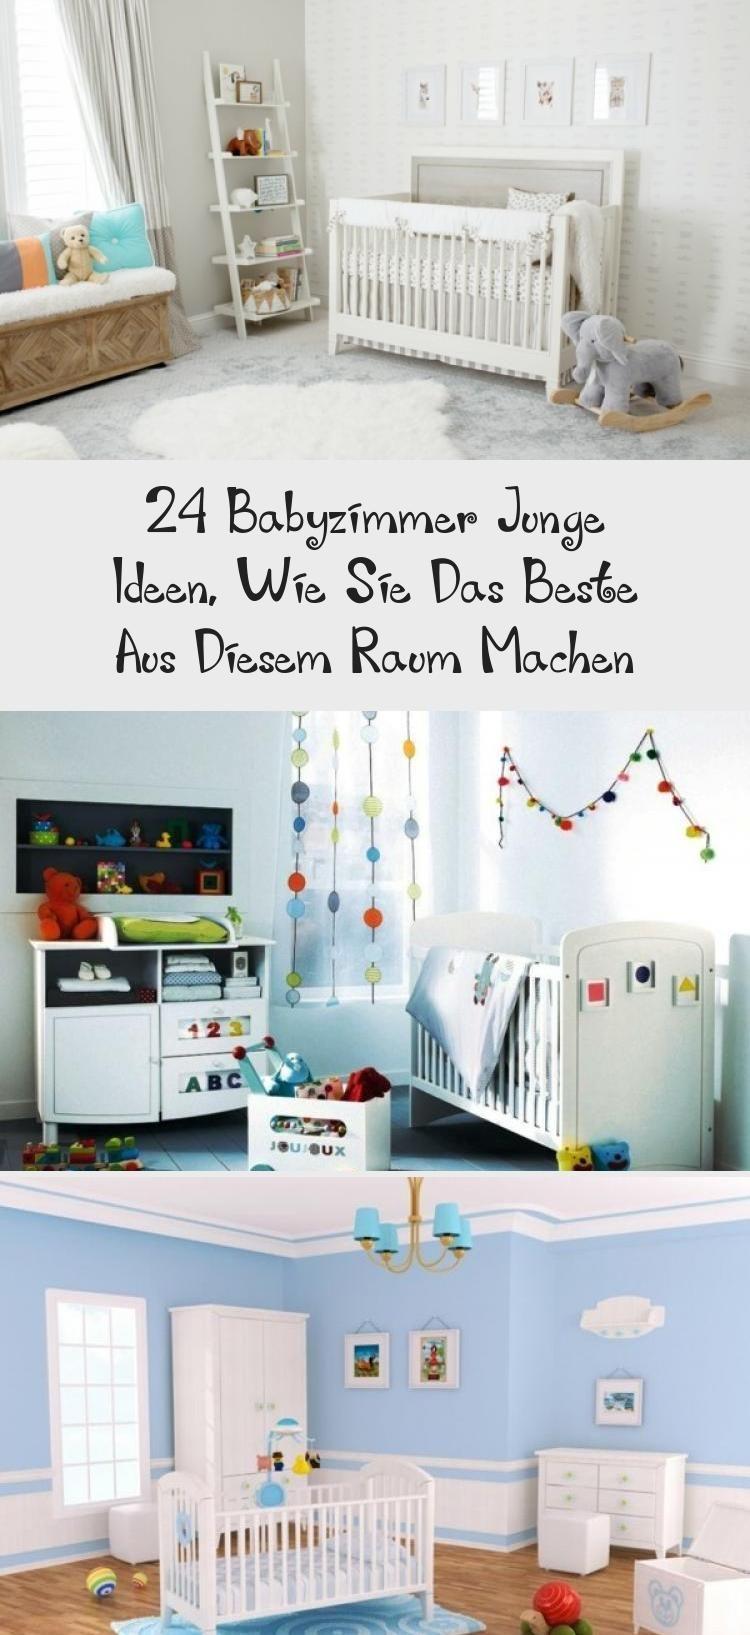 24 Babyzimmer Junge Ideen Wie Sie Das Beste Aus Diesem Raum Machen Einrichten Konzept Farben Bett Babynursery Ki Baby Boy Rooms Boy Room Room Furnishing